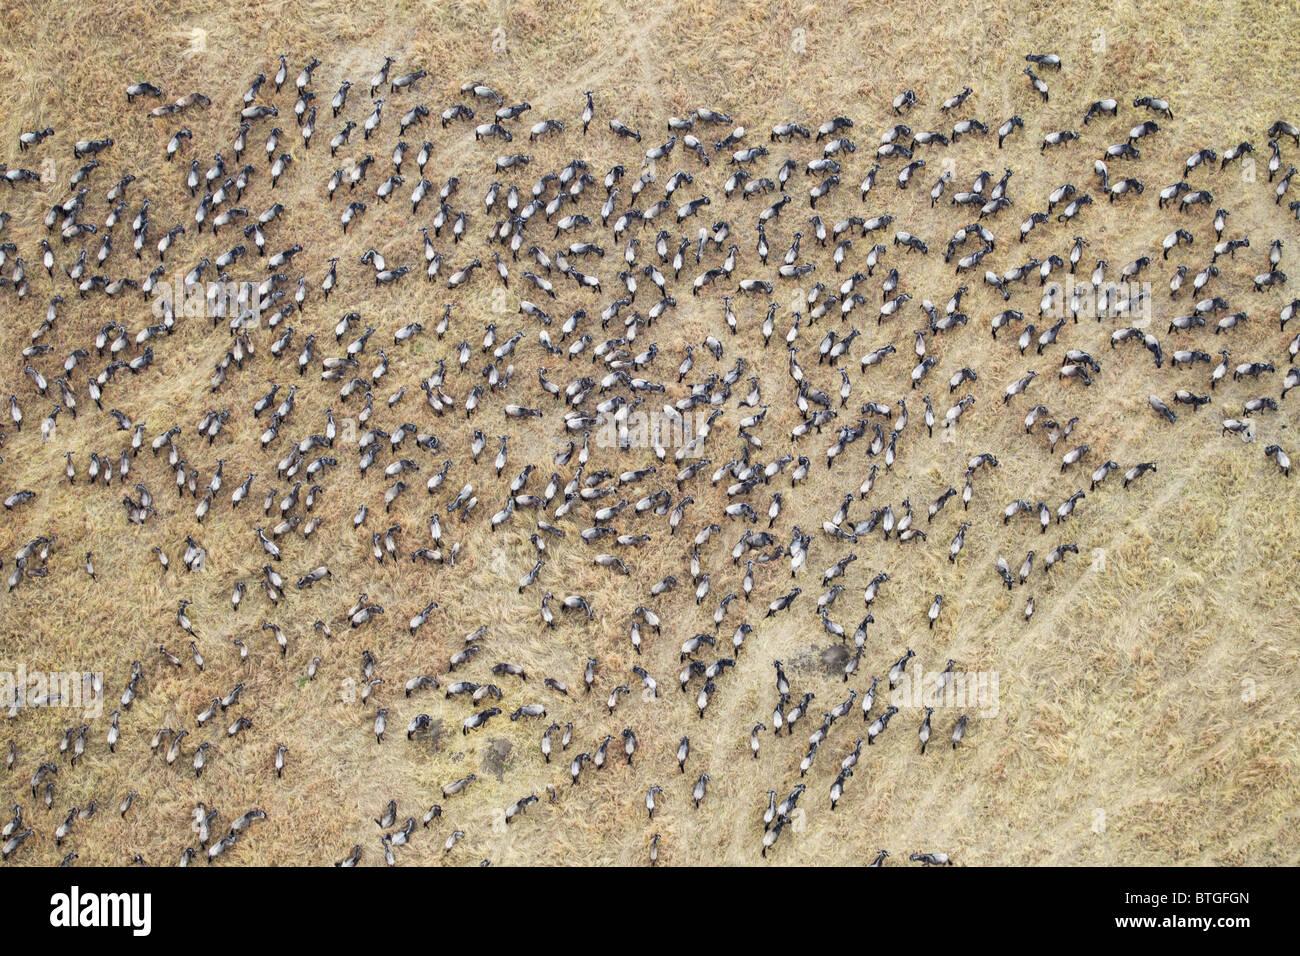 Vue aérienne de la migration des gnous. Jusqu'à 1,5 millions de gnous se déplacent dans le Mara/Serengeti Photo Stock